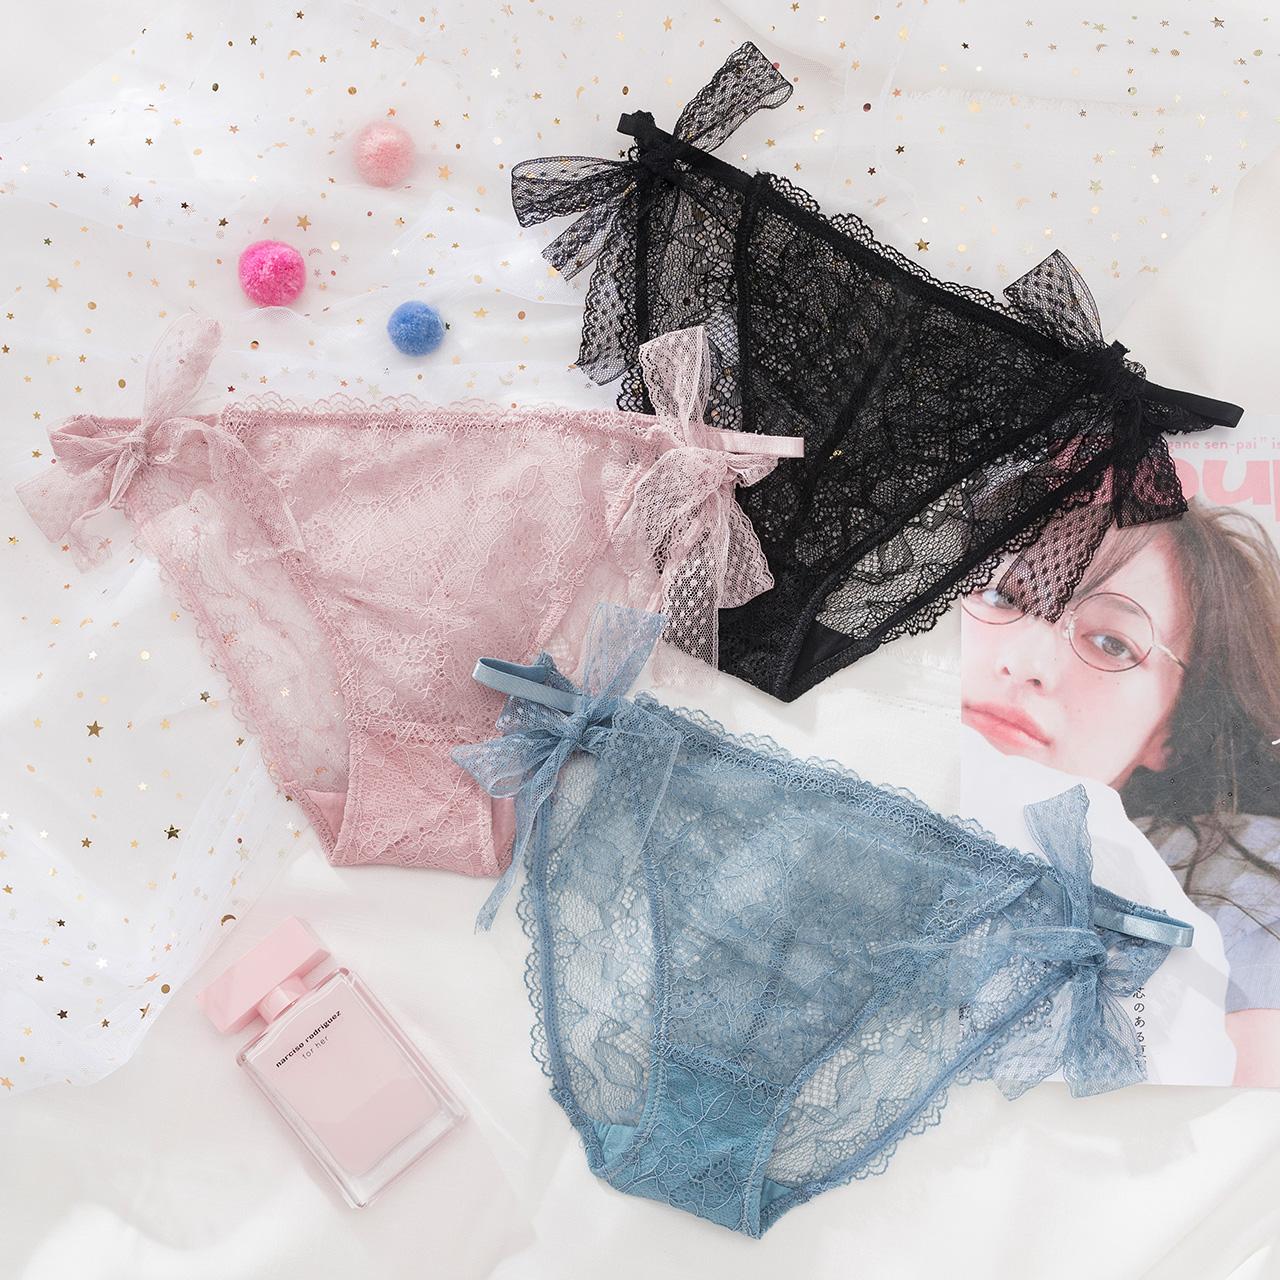 莎琪儿私藏超薄性感低腰蕾丝三角裤日系仙女蝴蝶结网纱少女内裤